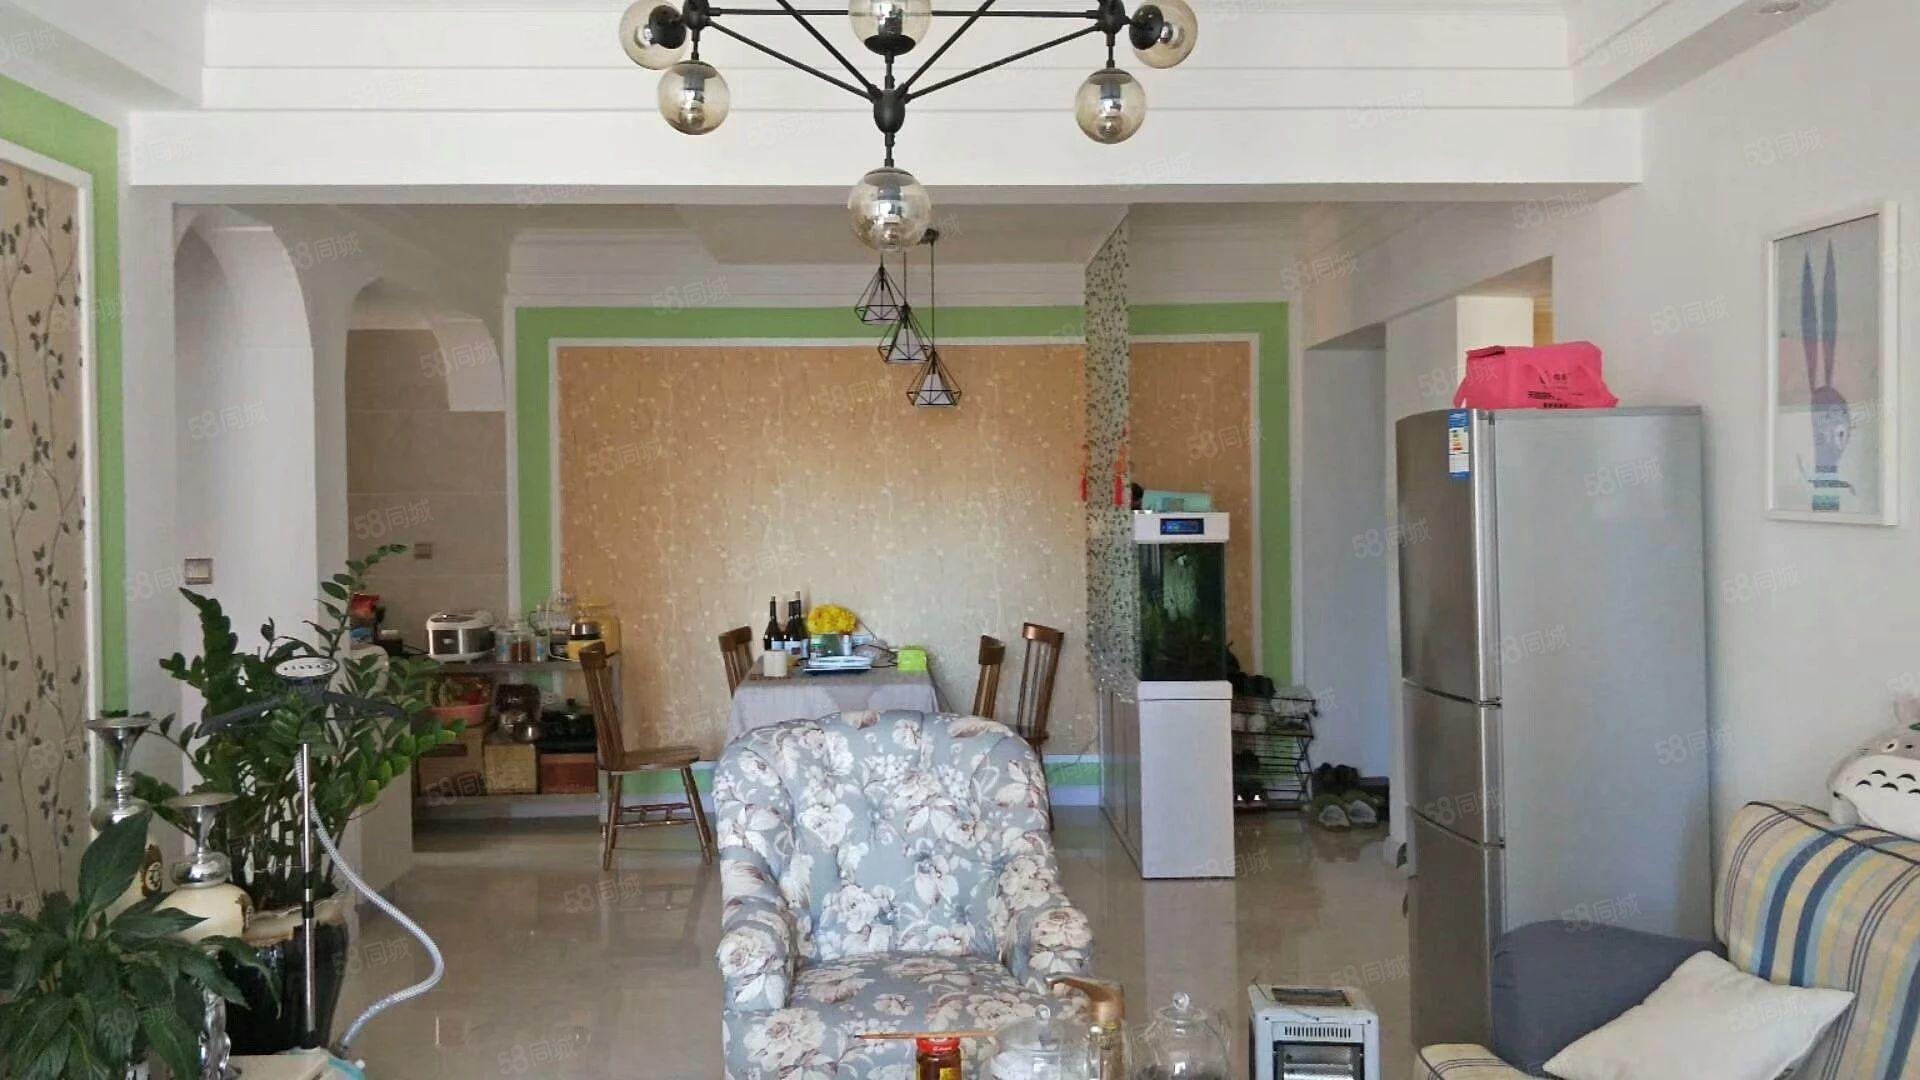 红河新世纪精装修小三房简约风众多年轻人居家的选择